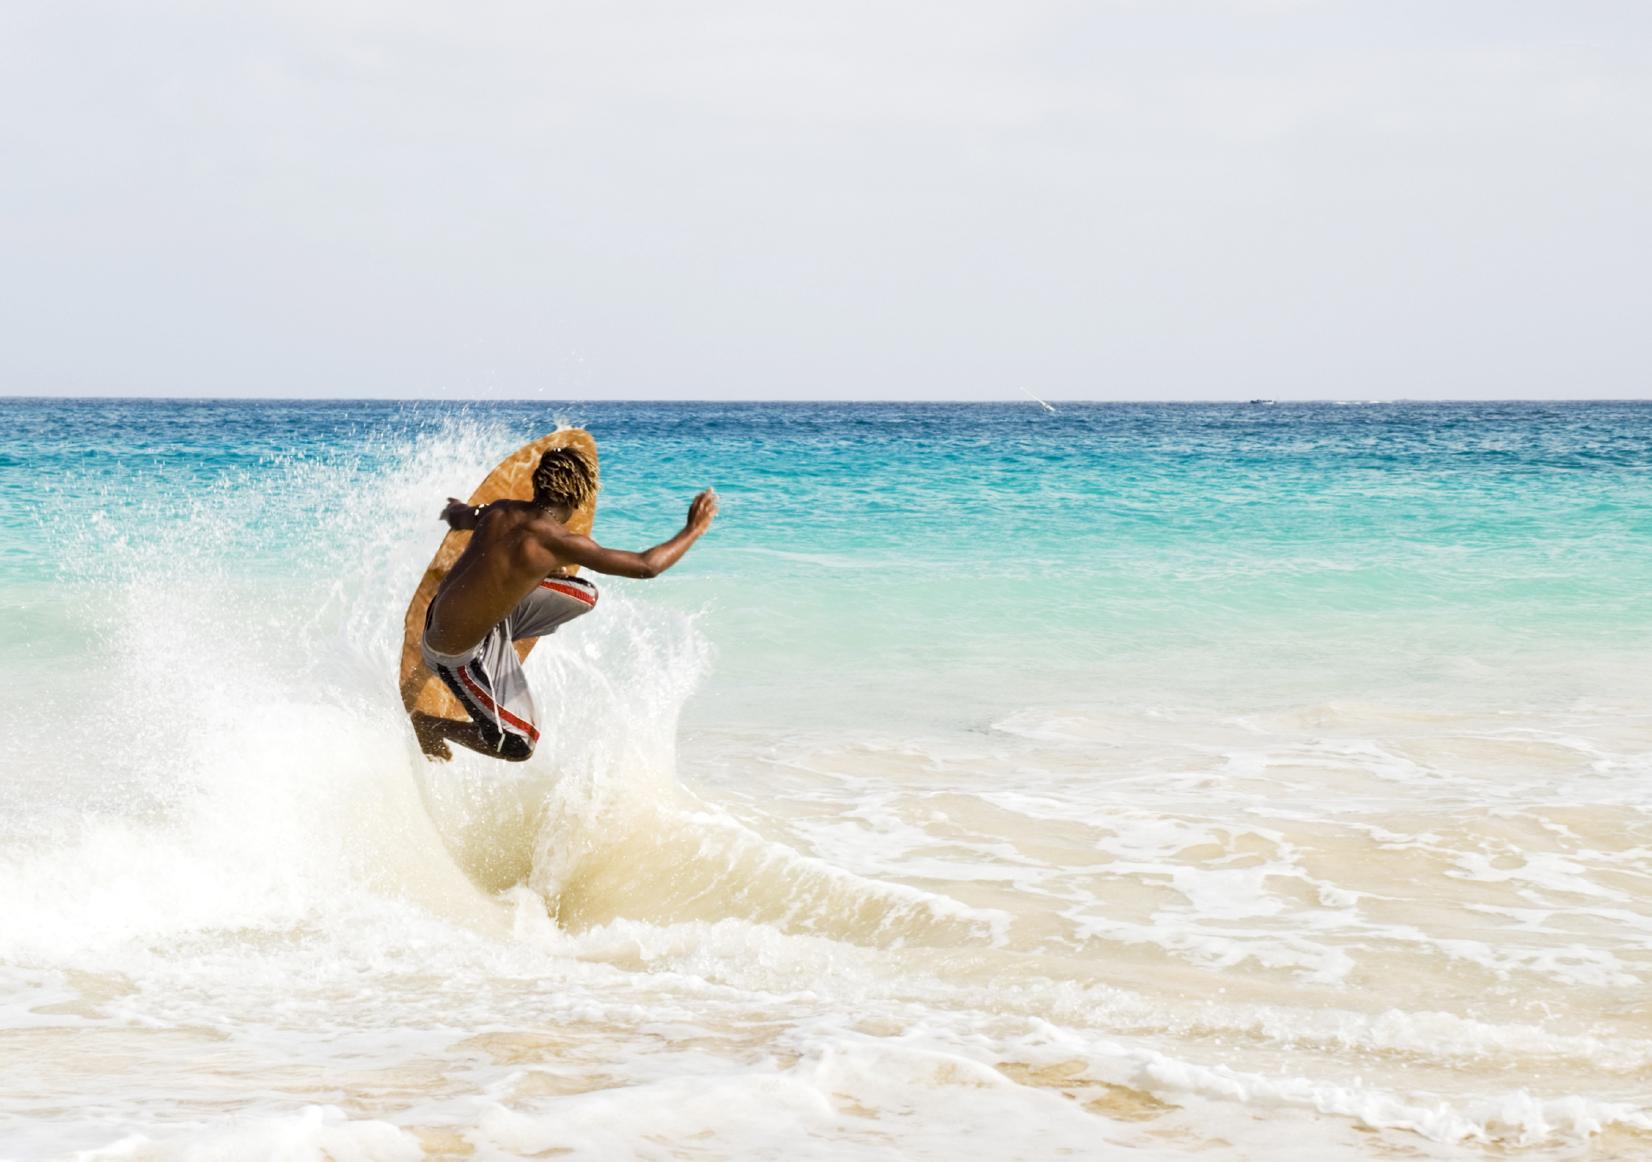 Vannsport og moro på Kapp Verde